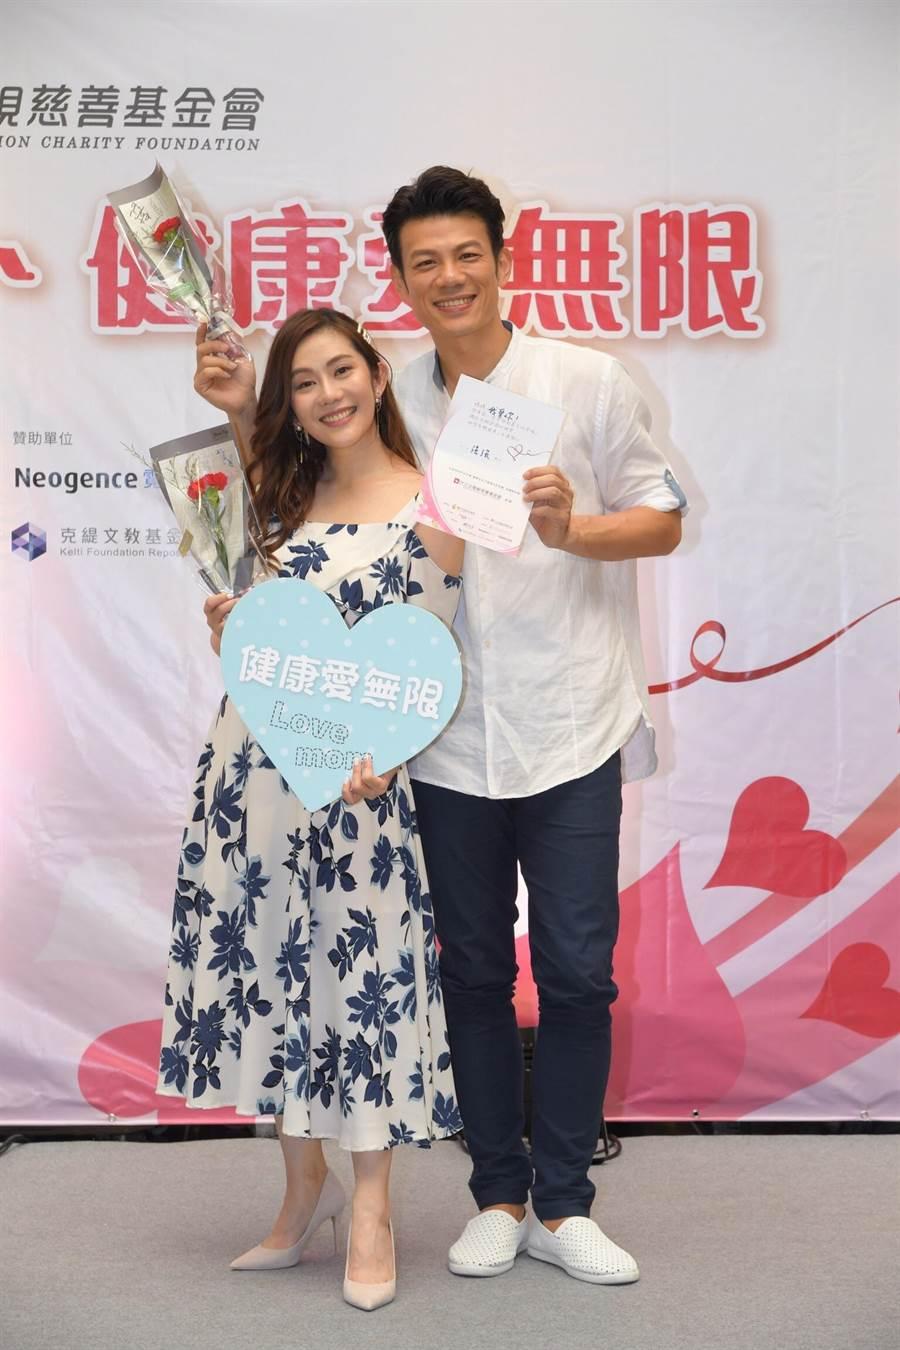 陳志強、王宇婕出席母親節公益活動。(三立)